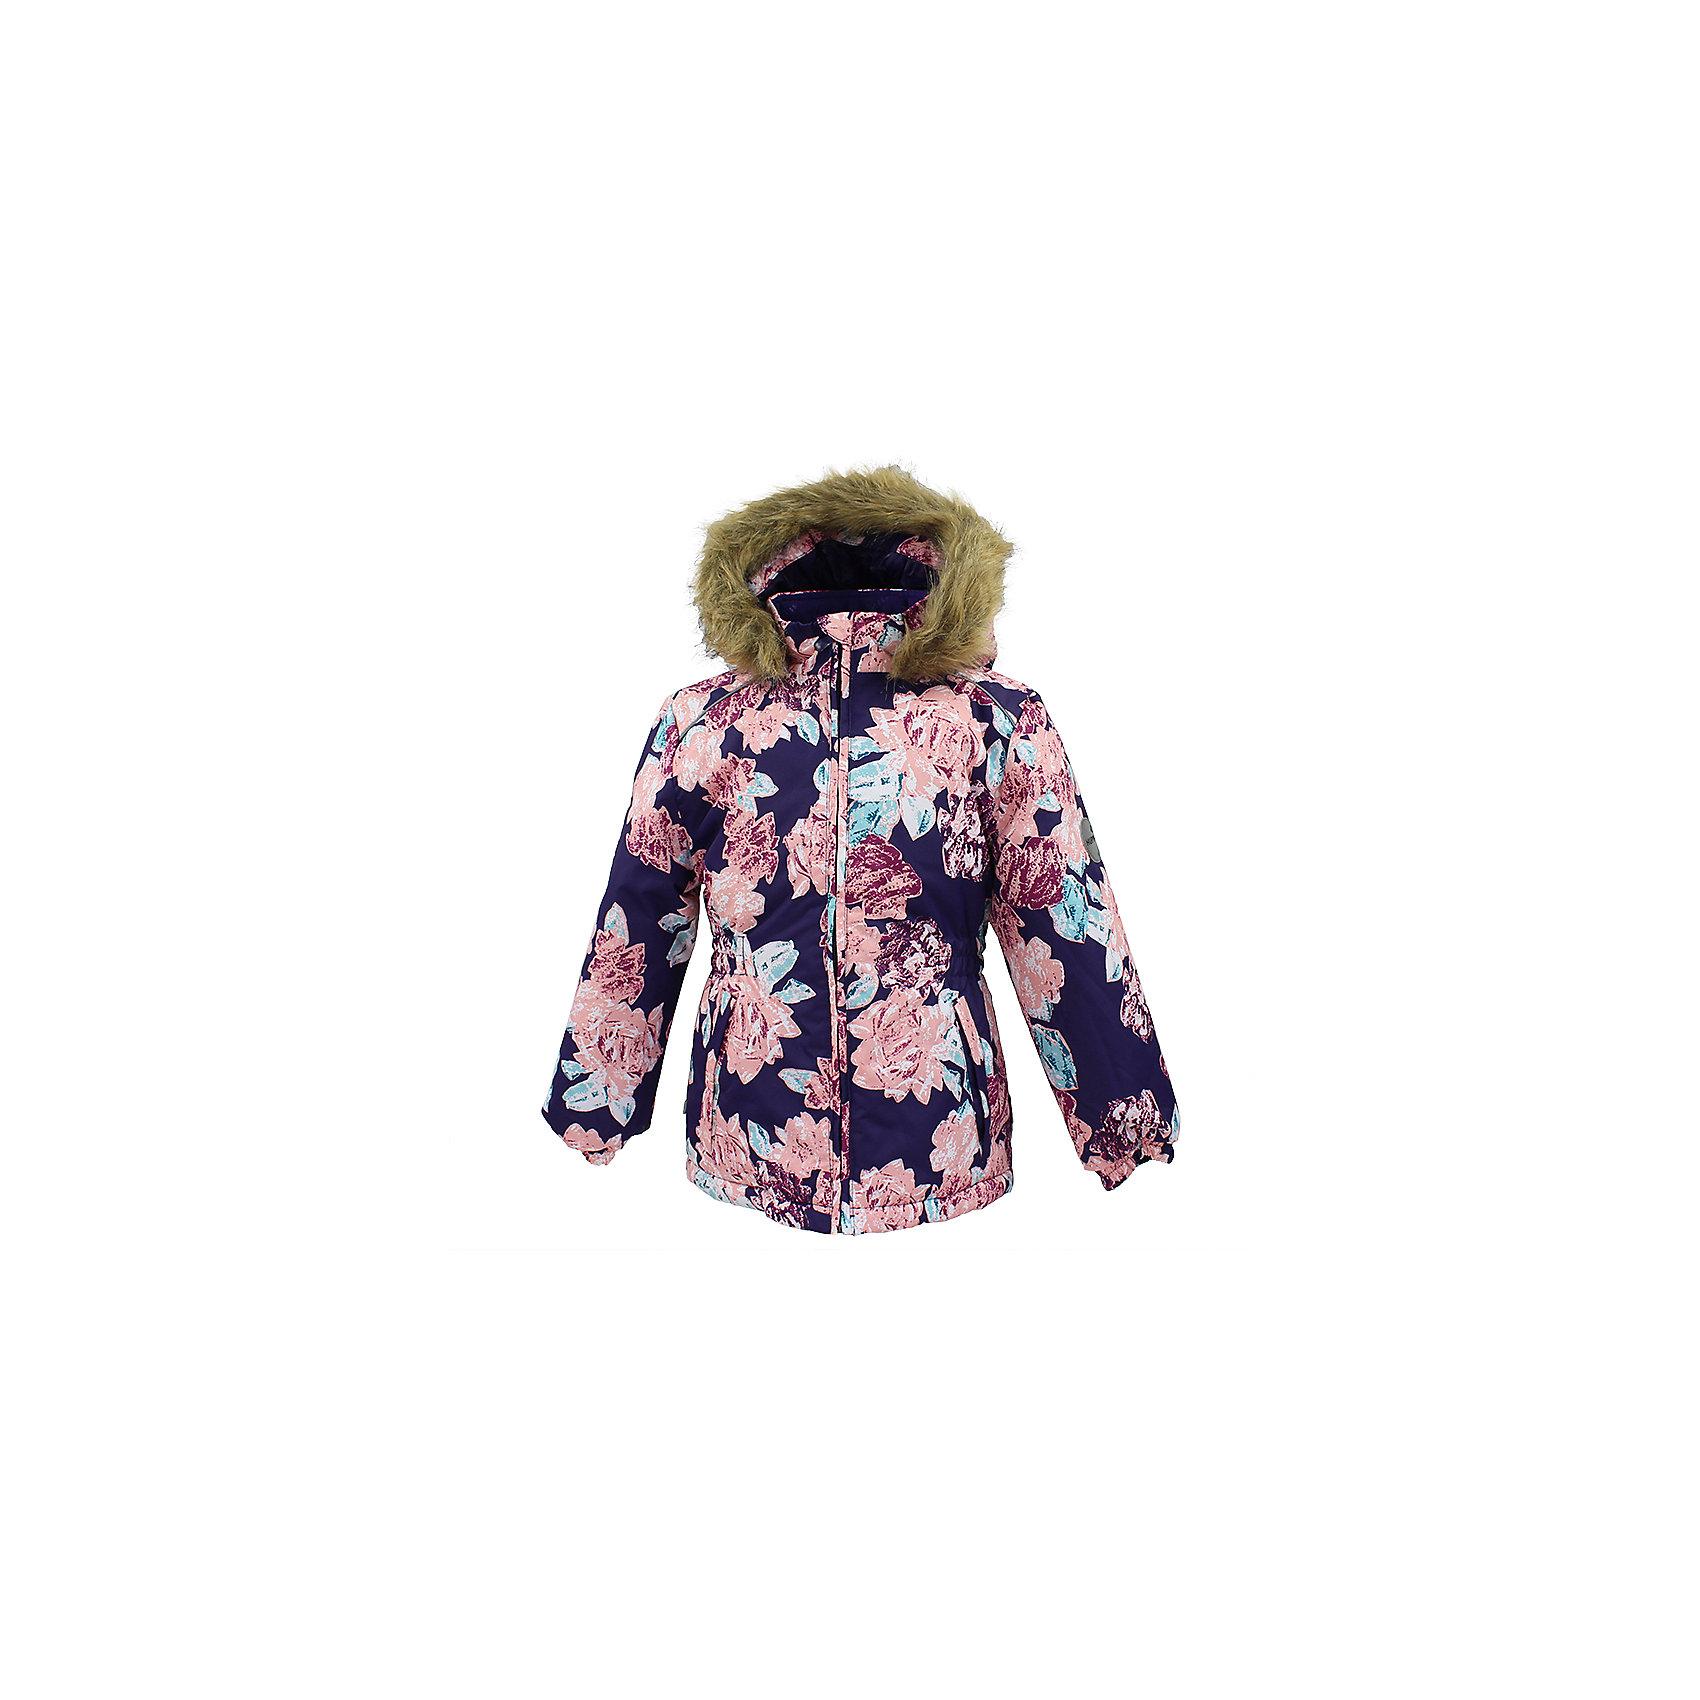 Куртка MARII Huppa для девочкиВерхняя одежда<br>Куртка для девочек MARII.Водо и воздухонепроницаемость 10 000. Утеплитель 300 гр. Подкладка тафта, флис 100% полиэстер. Отстегивающийся капюшон с мехом. Манжеты рукавов на резинке. Имеются светоотражательные детали.<br>Состав:<br>100% Полиэстер<br><br>Ширина мм: 356<br>Глубина мм: 10<br>Высота мм: 245<br>Вес г: 519<br>Цвет: лиловый<br>Возраст от месяцев: 108<br>Возраст до месяцев: 120<br>Пол: Женский<br>Возраст: Детский<br>Размер: 140,116,110,122,128,134<br>SKU: 7027330